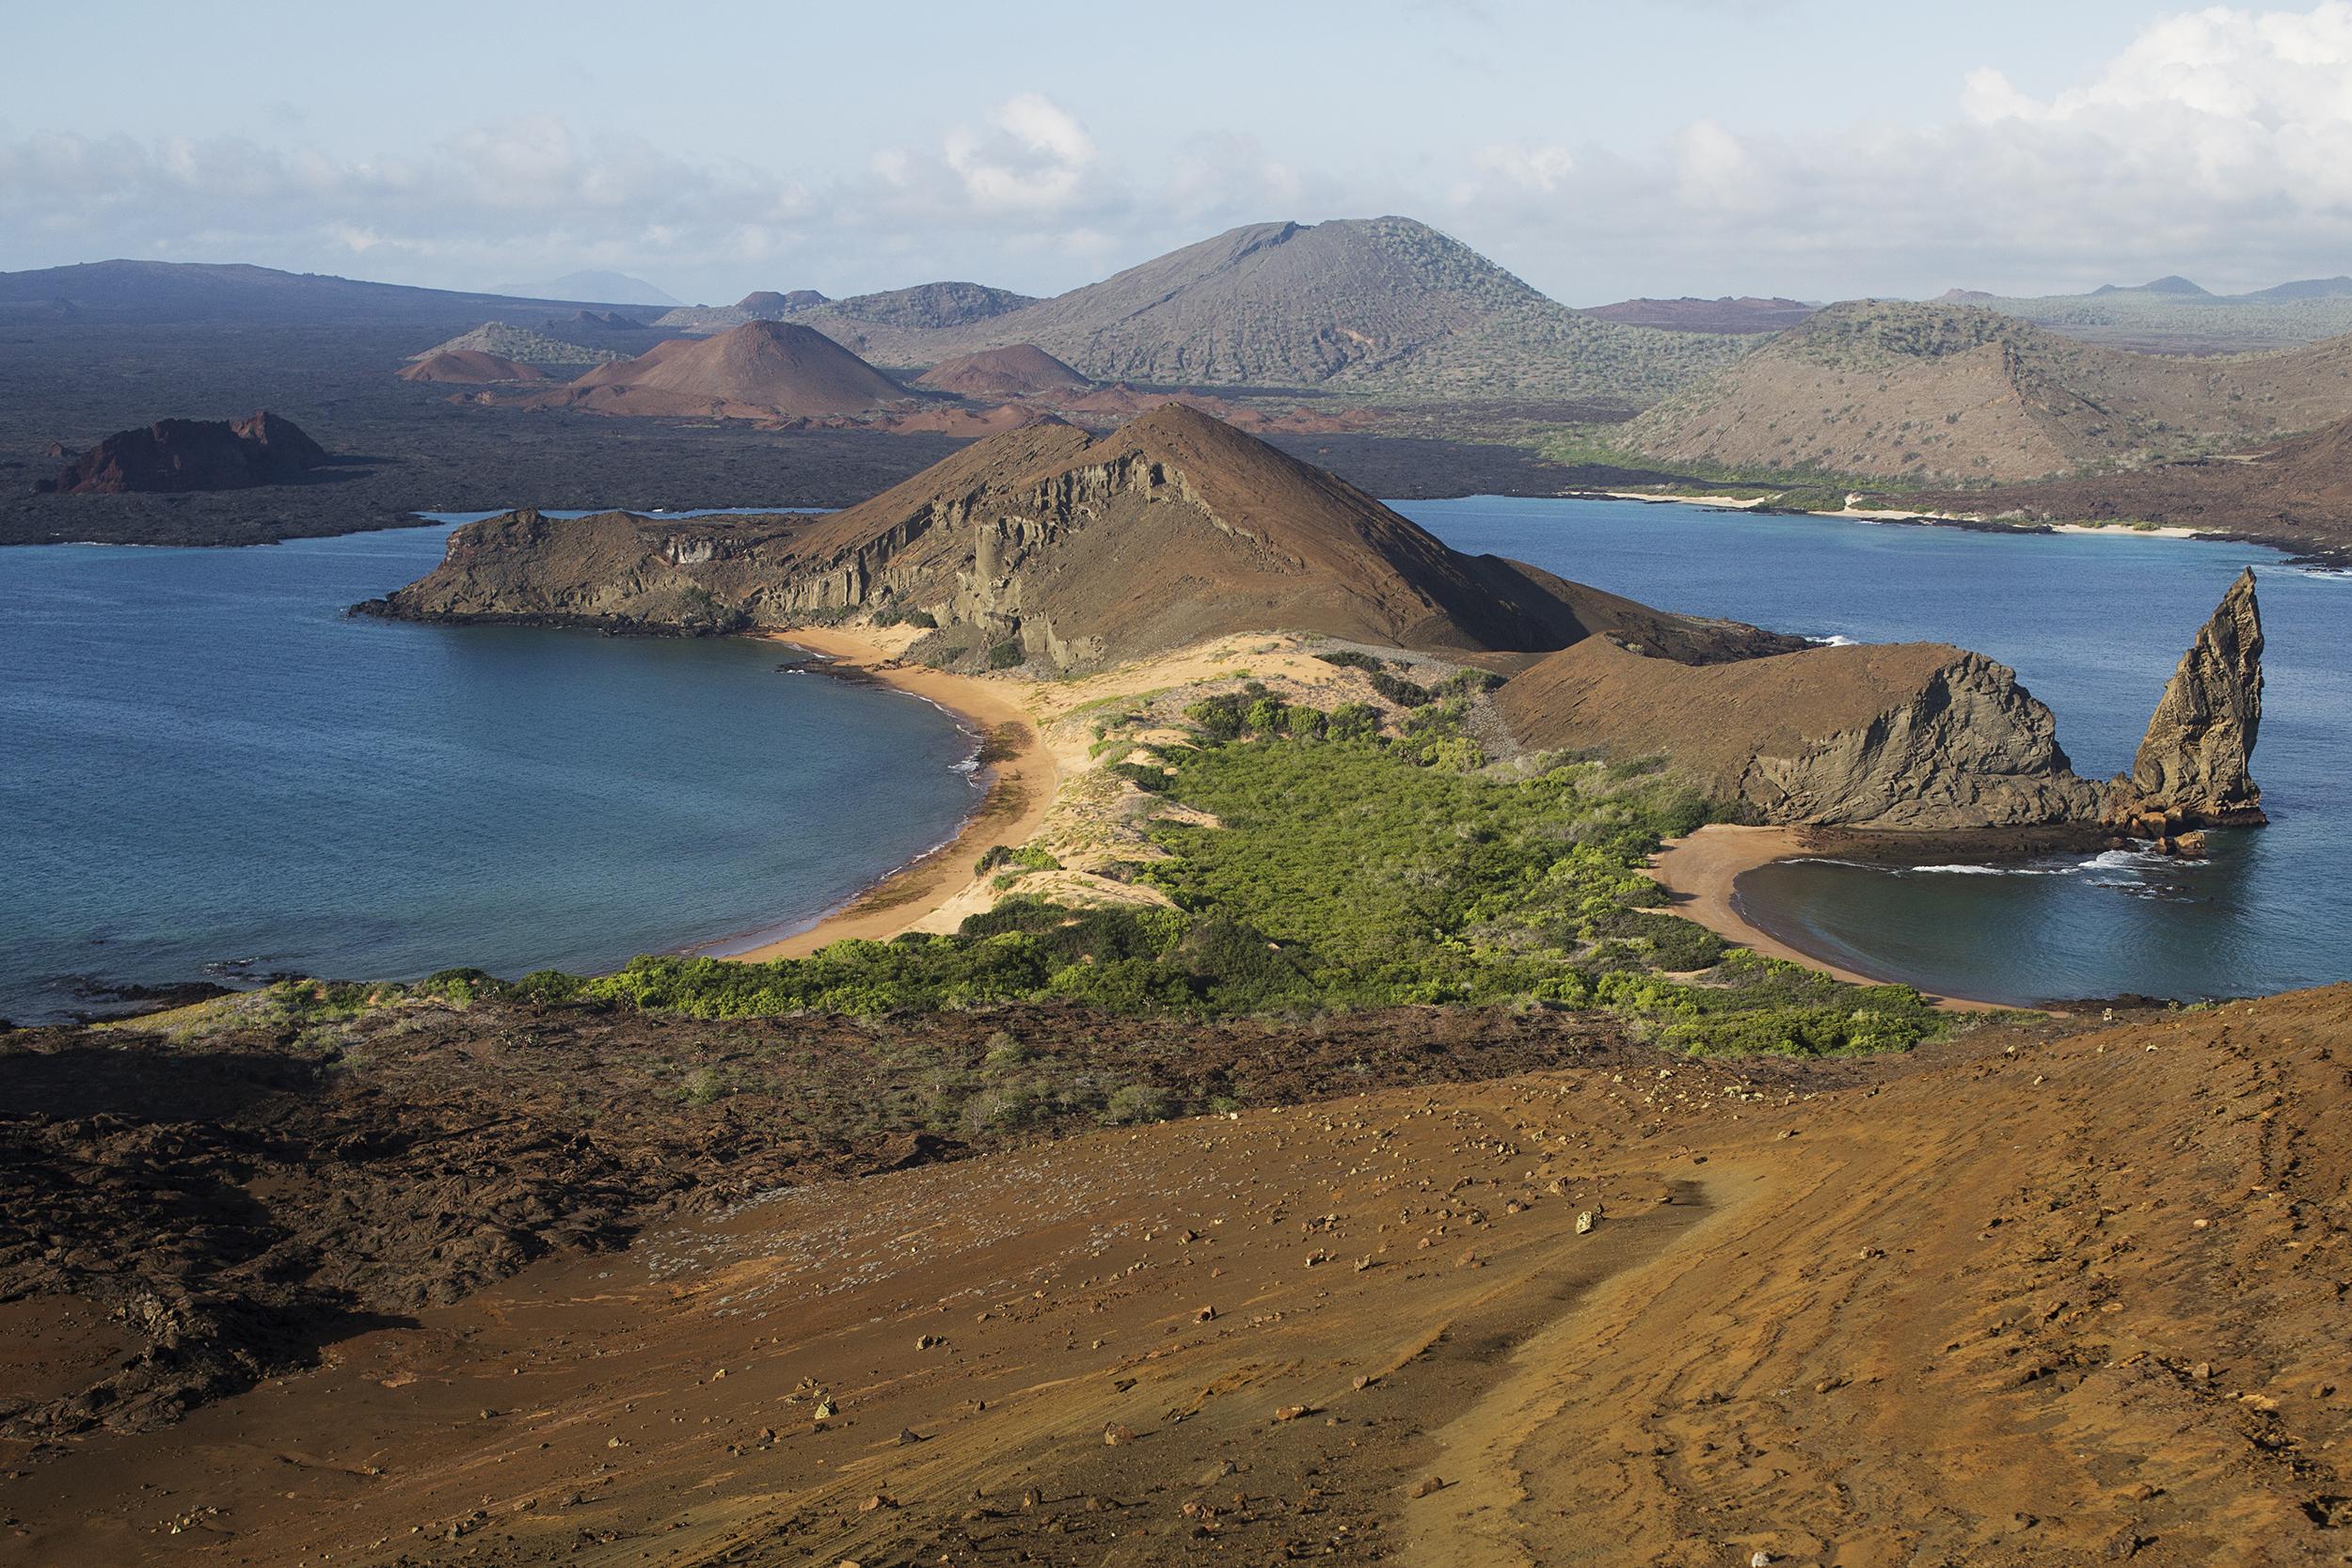 Bartolome Island in the Galapagos